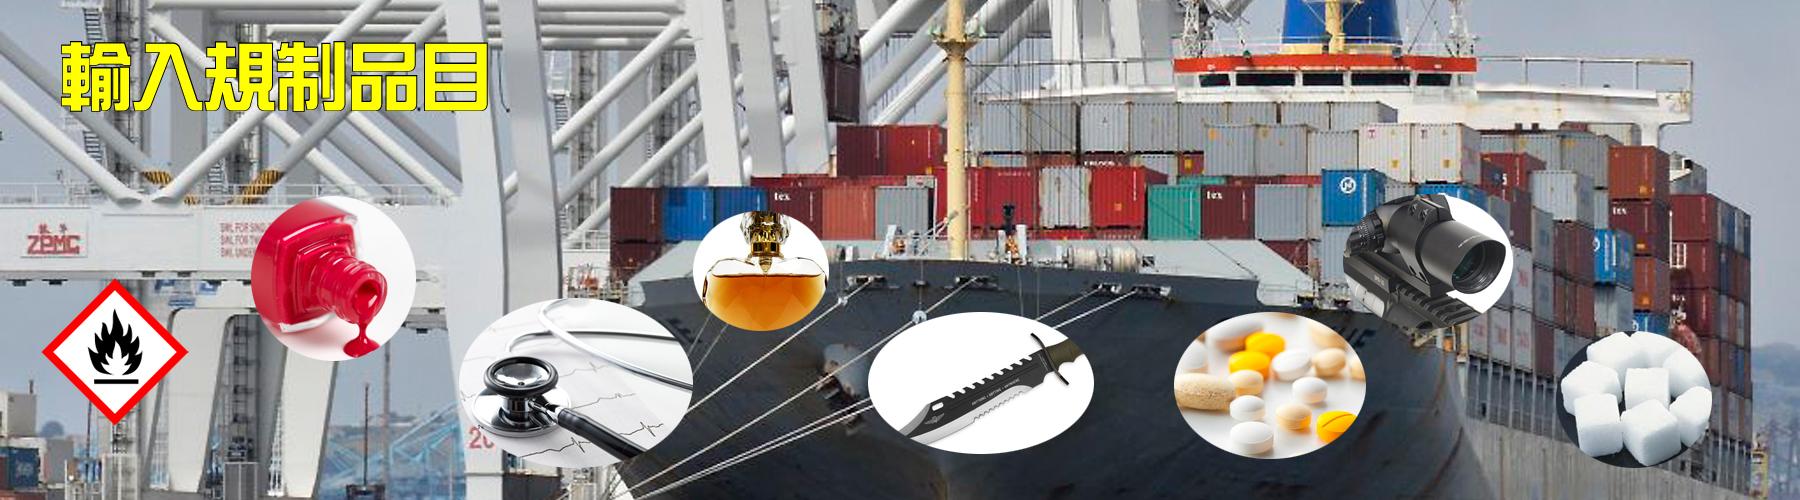 輸入規制品目